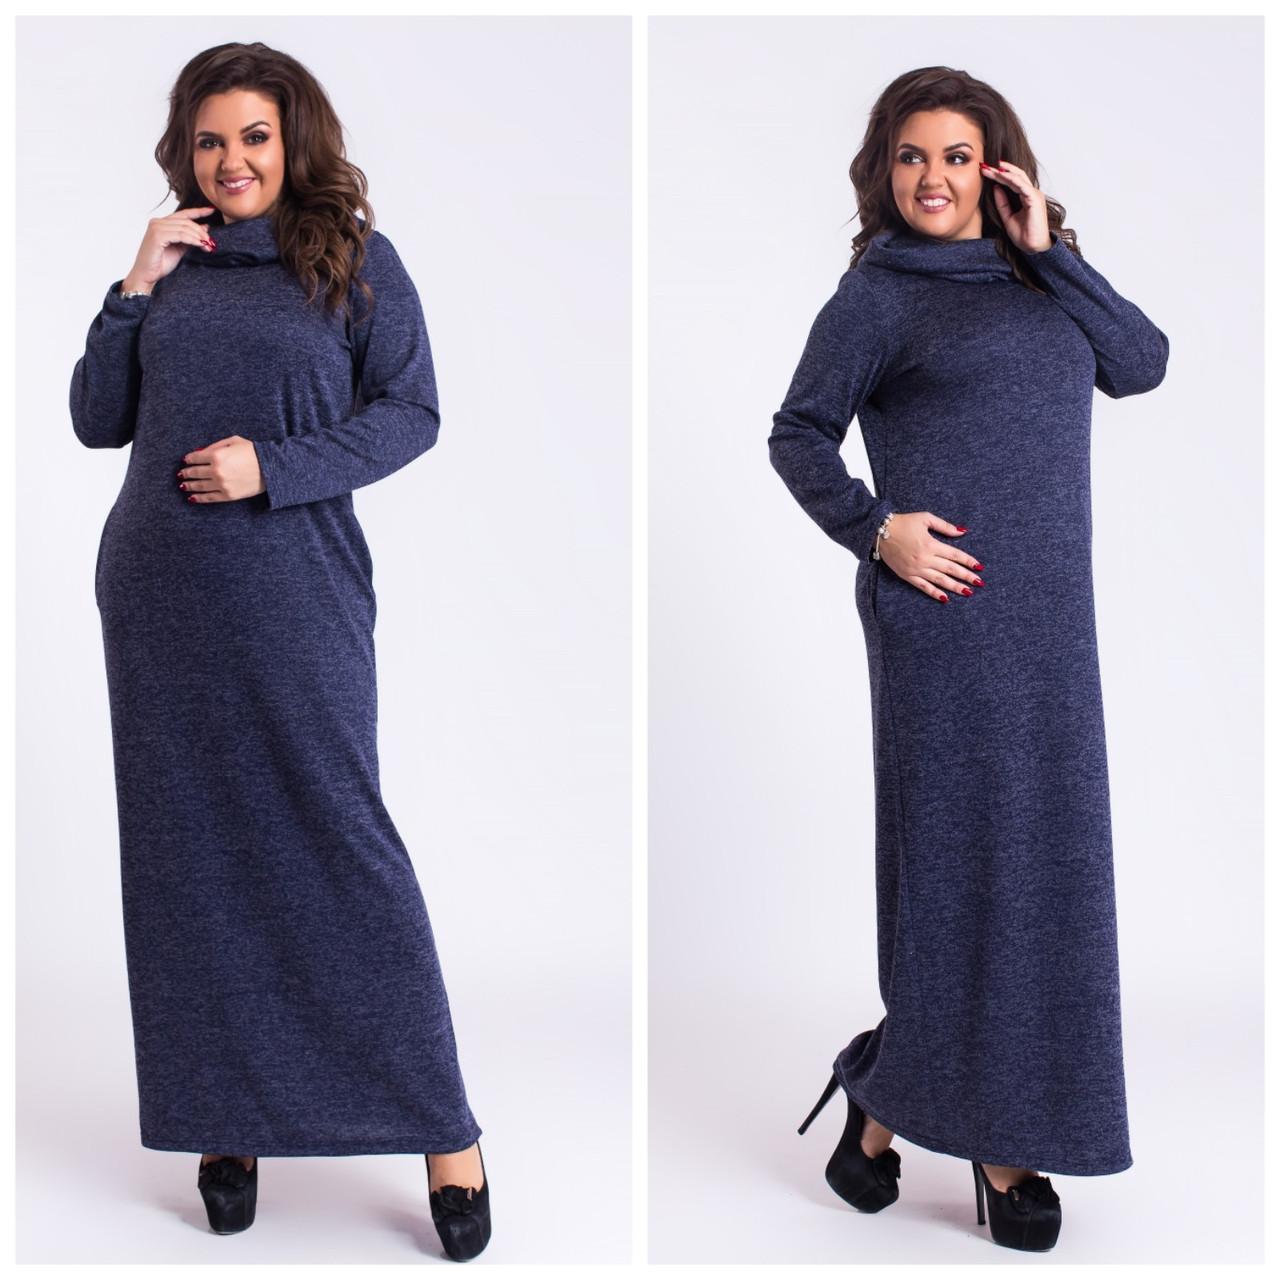 72a401d8ed7 Платье осеннее в пол с карманами и капюшоном в расцветках 2762 ...